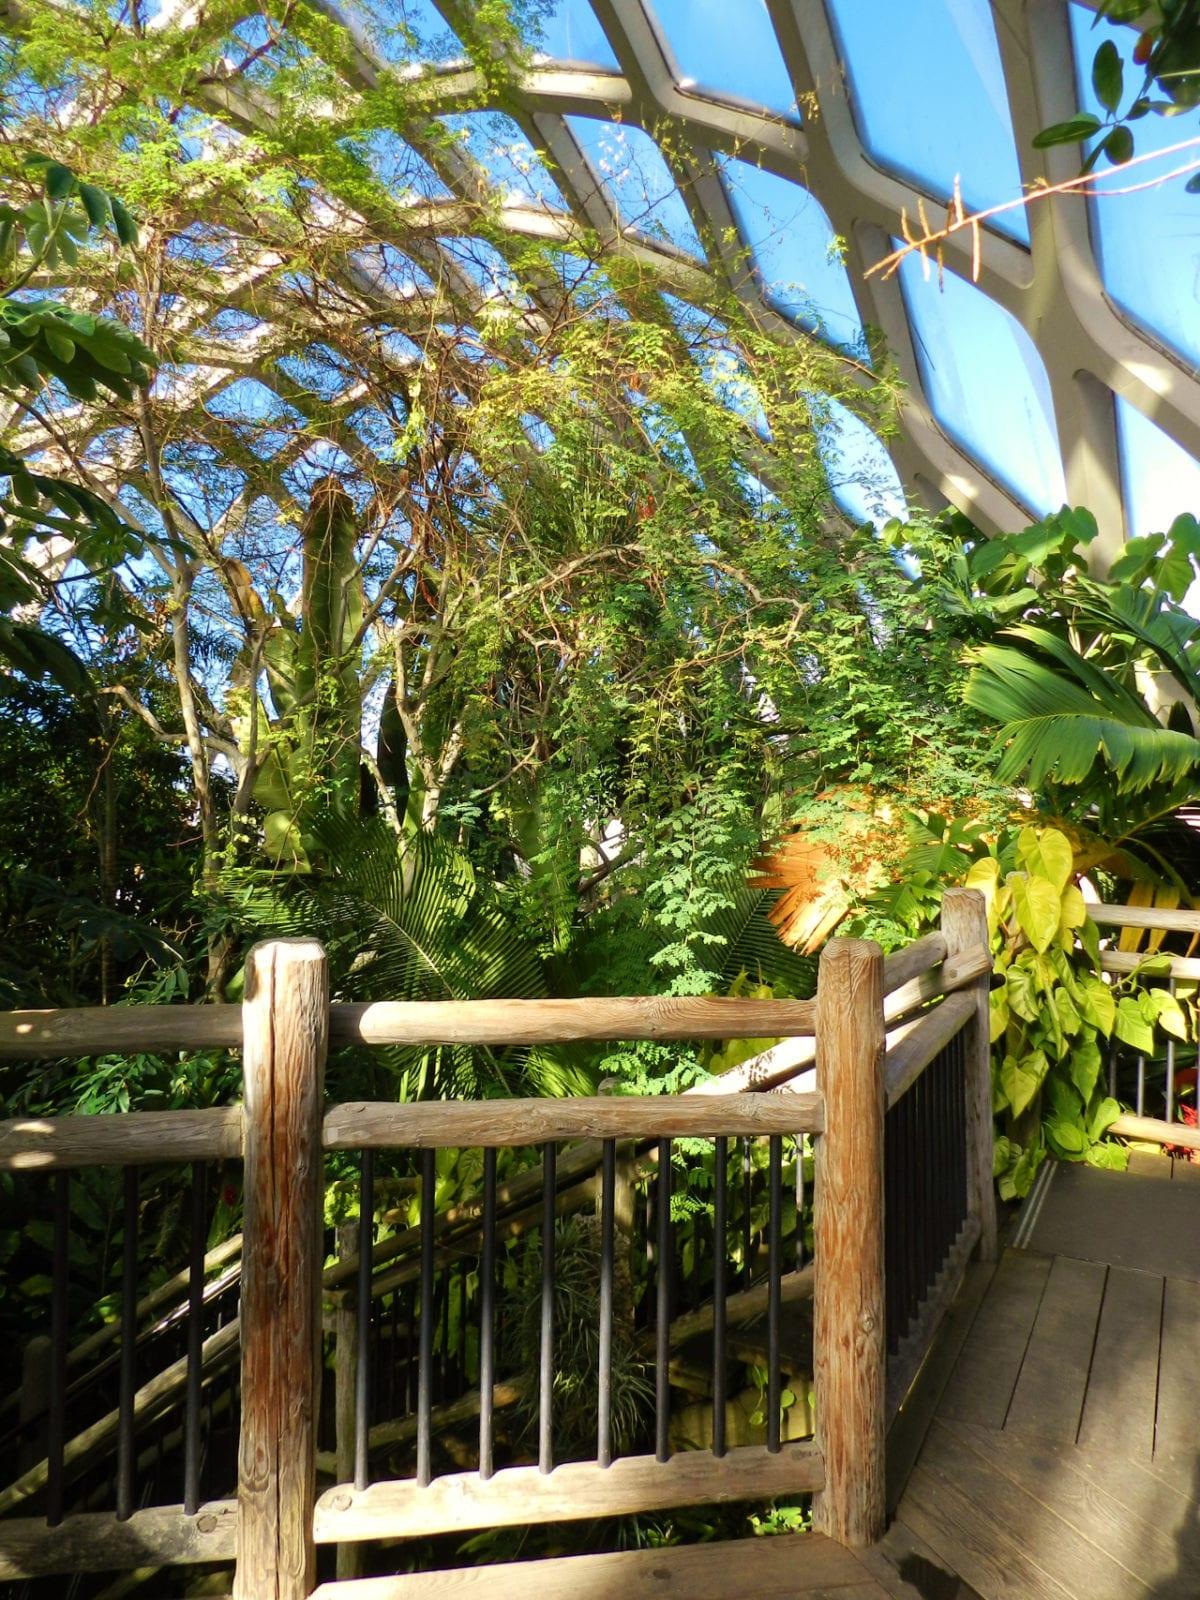 Tour Inside the Denver Botanic Gardens